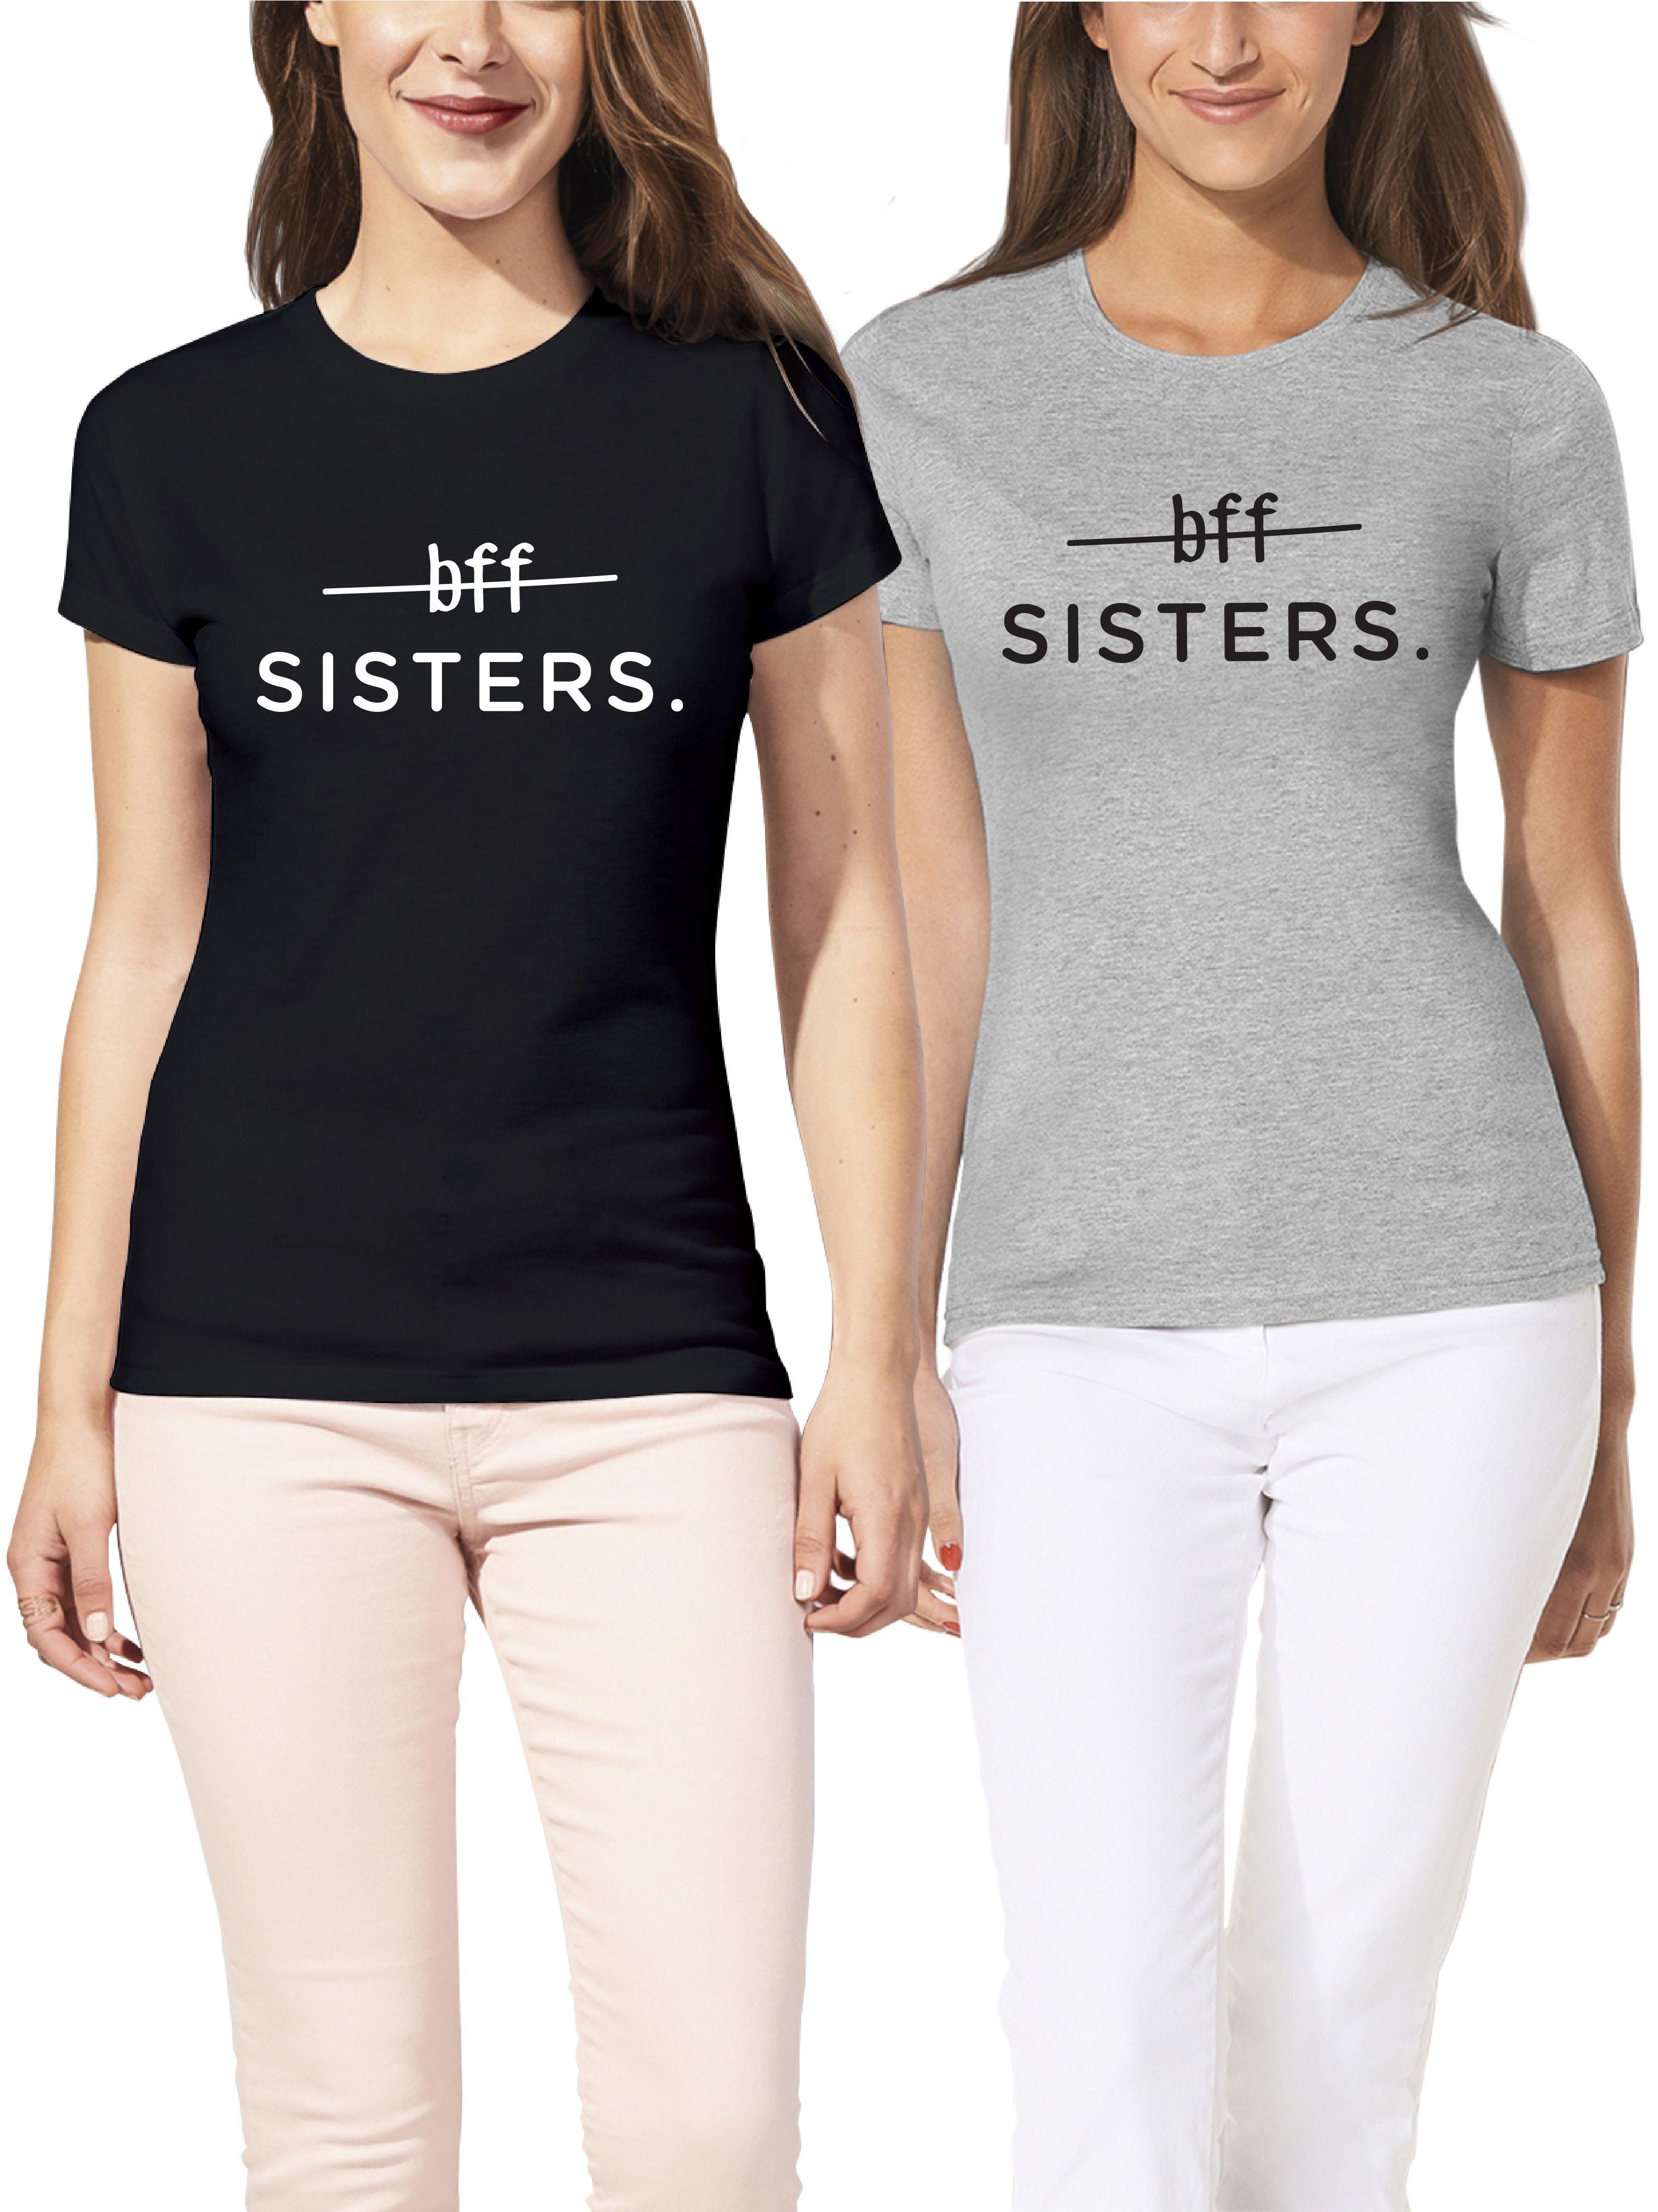 matching best friend shirts / friends t shirt / best friend shirts